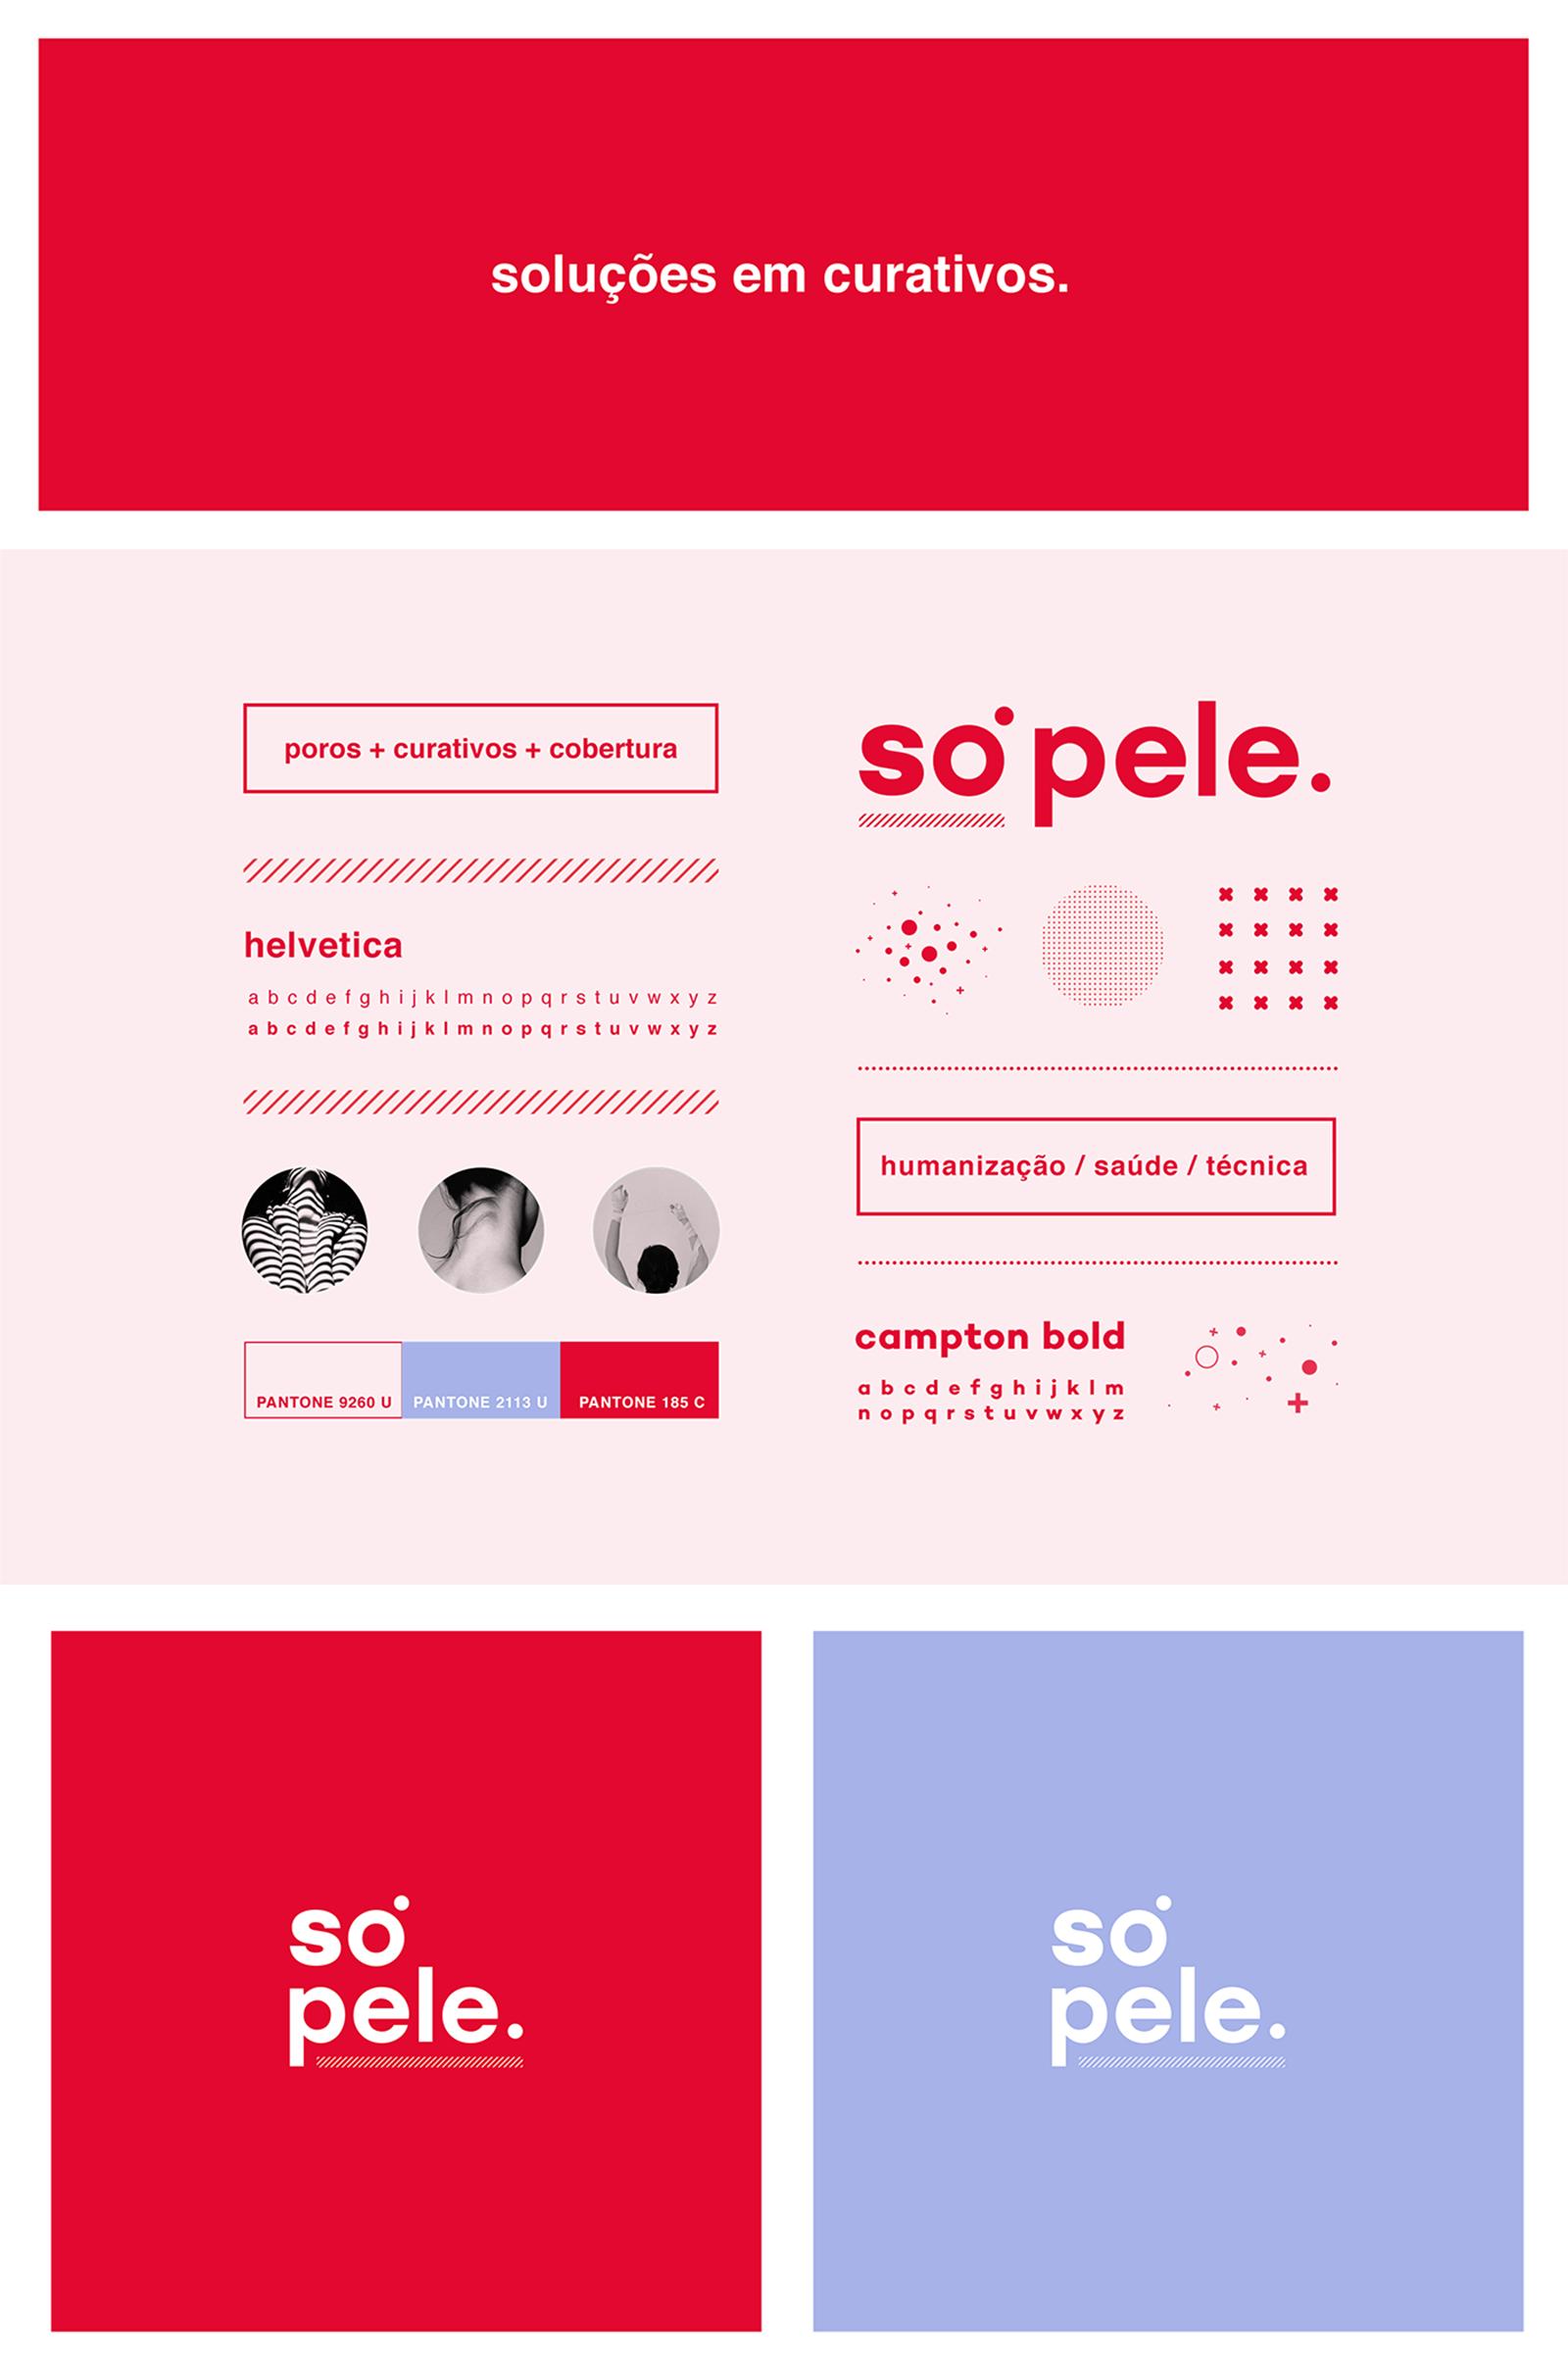 Só Pele 皮肤护理品牌视觉VI形象设计欣赏-深圳VI设计